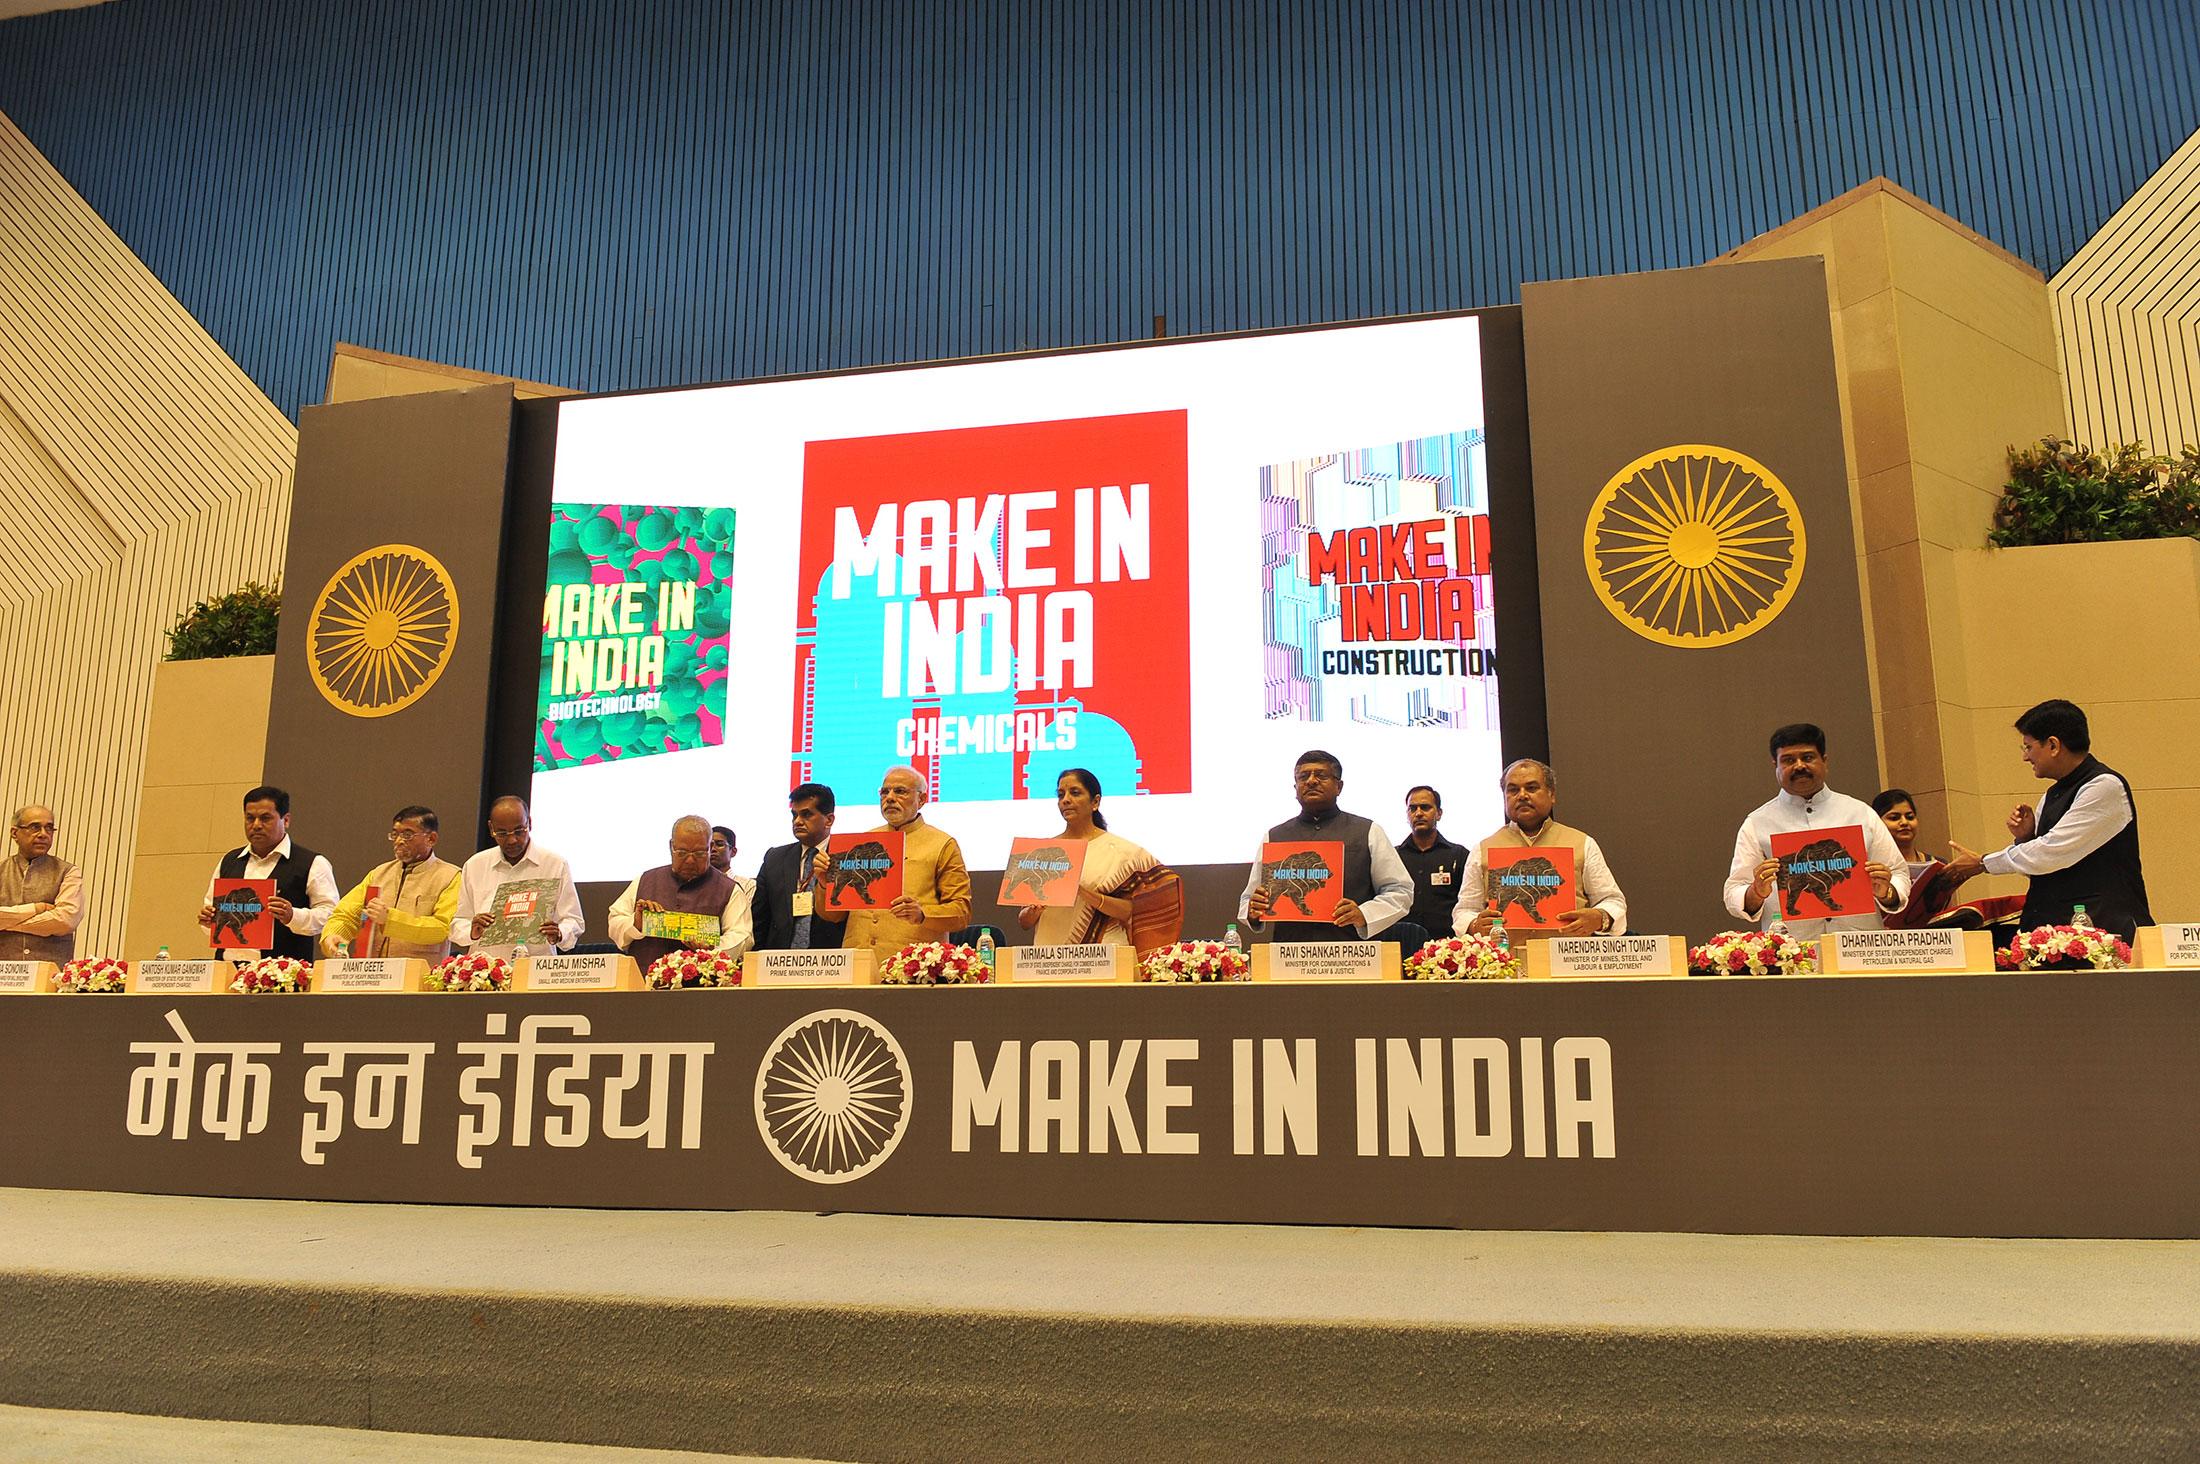 Make in India (3)